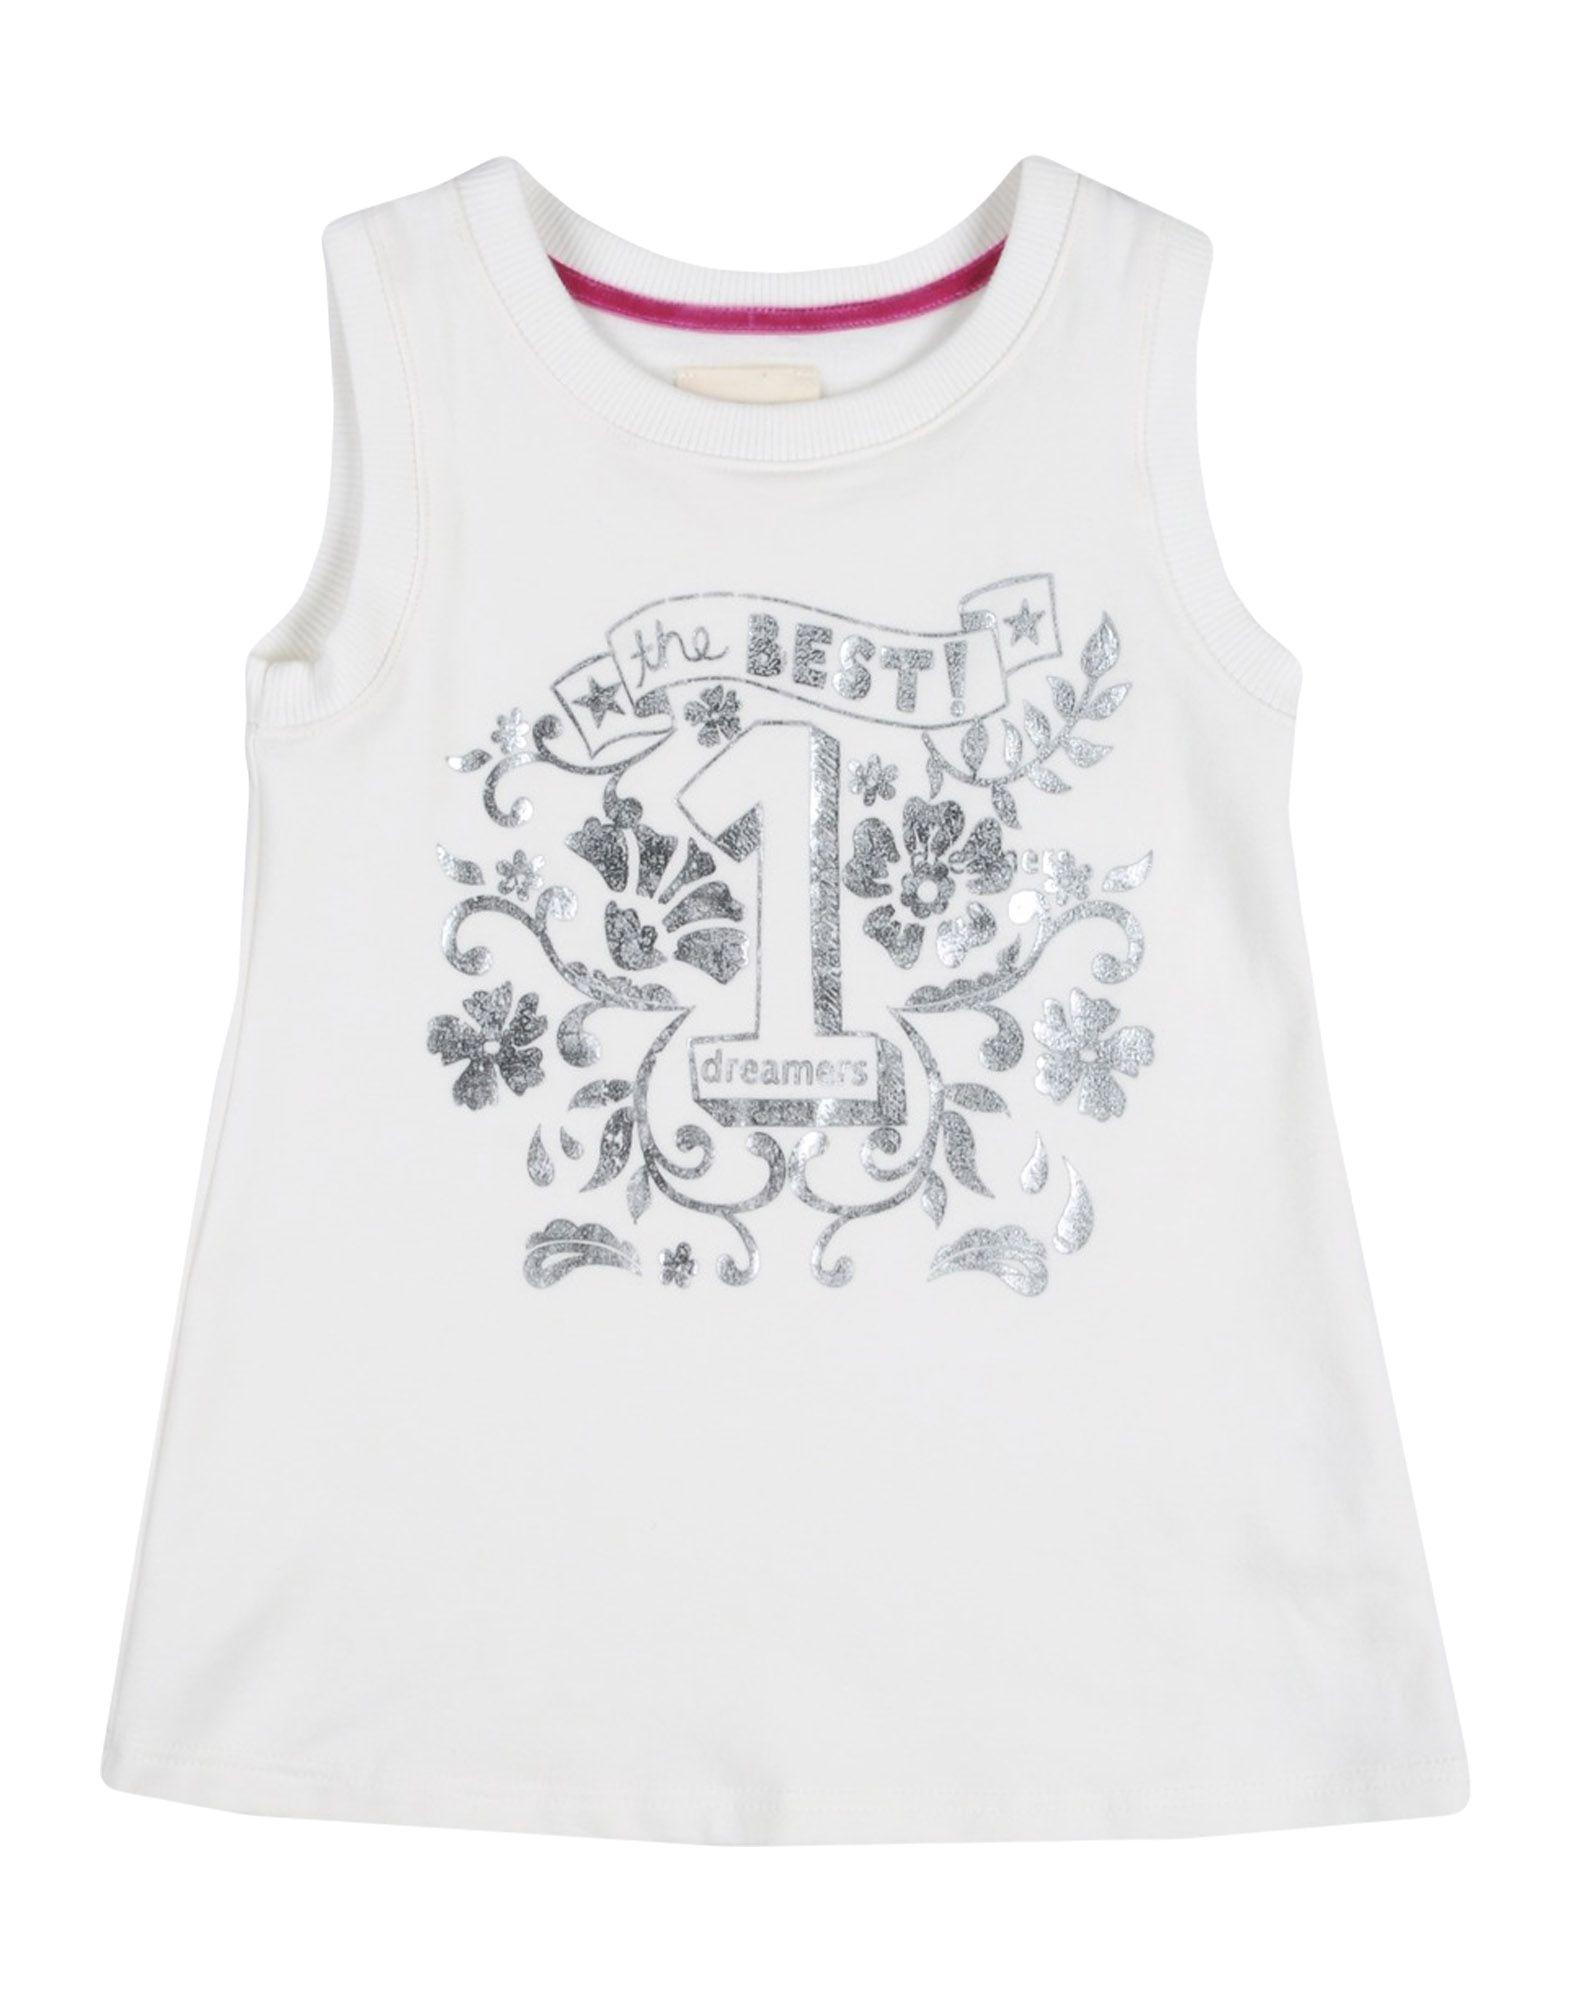 DREAMERS Mädchen 0-24 monate Kleid Farbe Elfenbein Größe 10 jetztbilligerkaufen